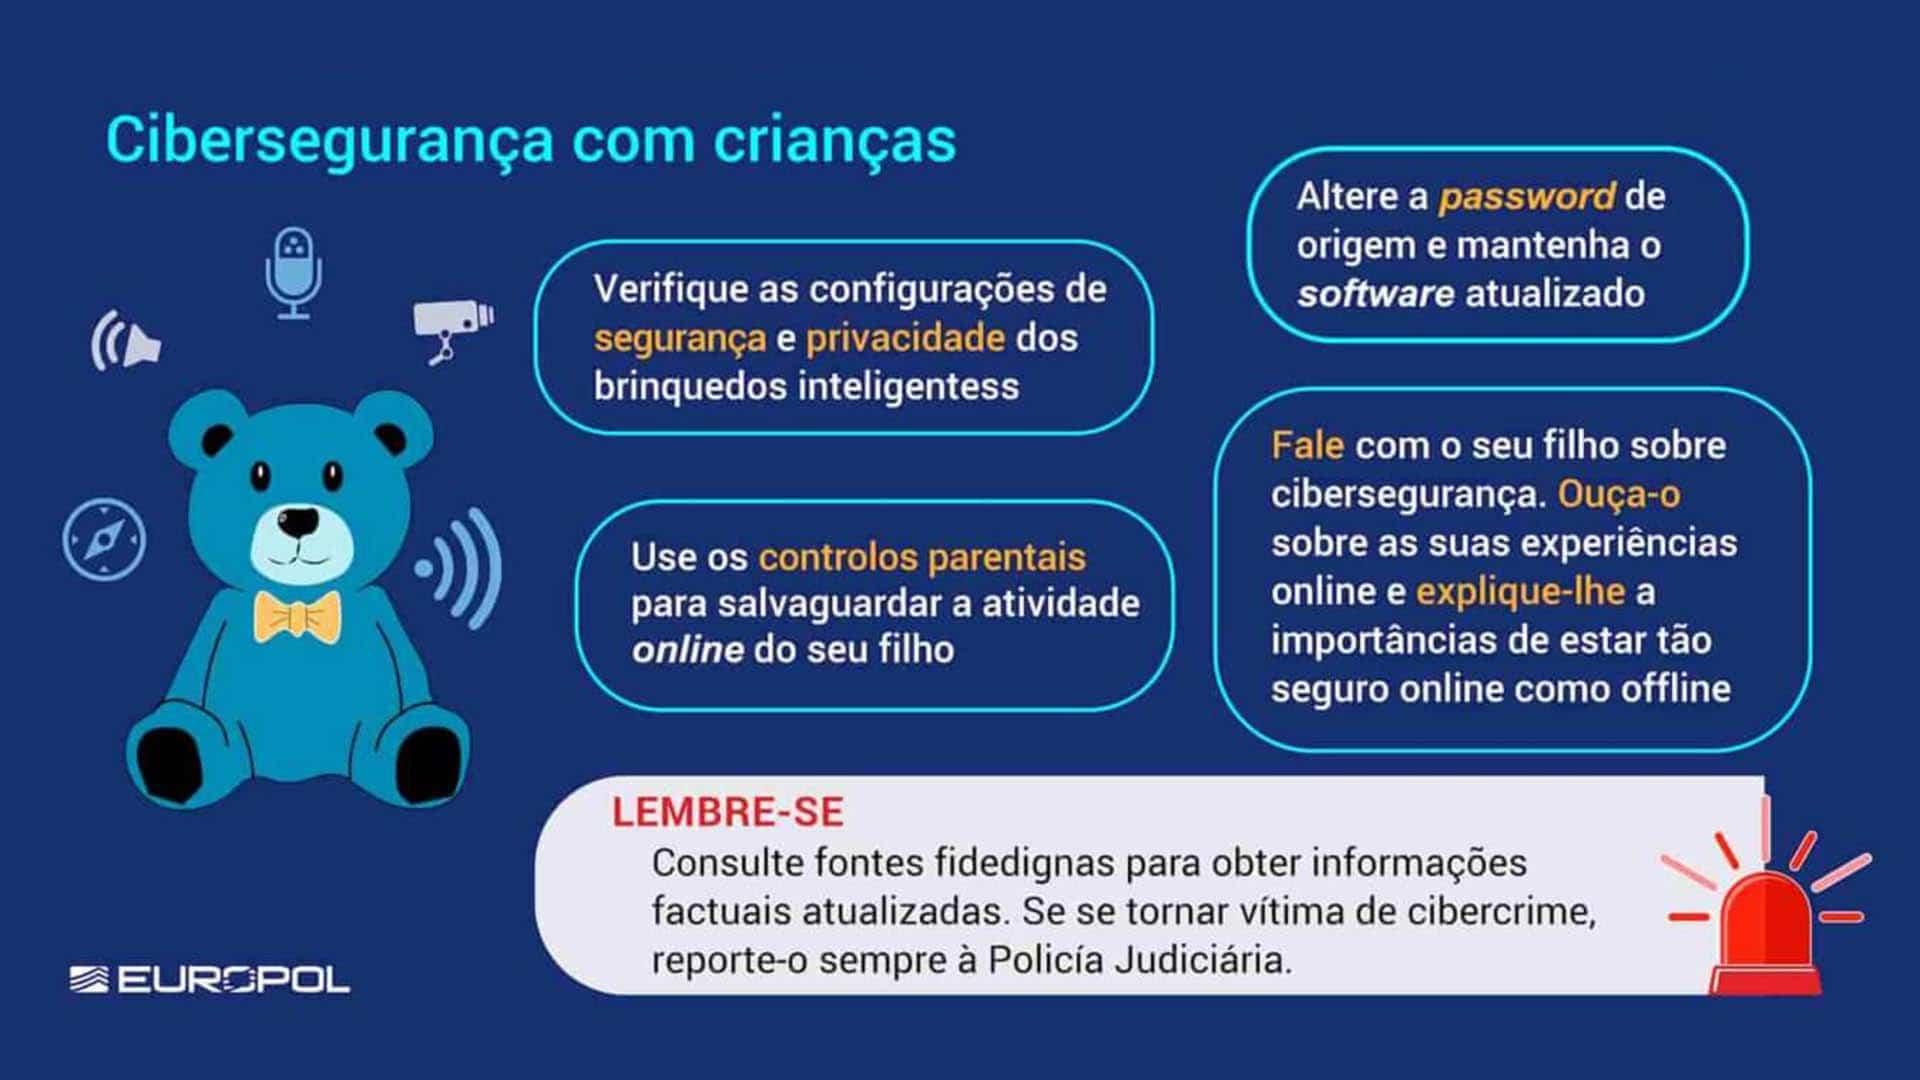 cibersegurança_europol_crianças_netsegura